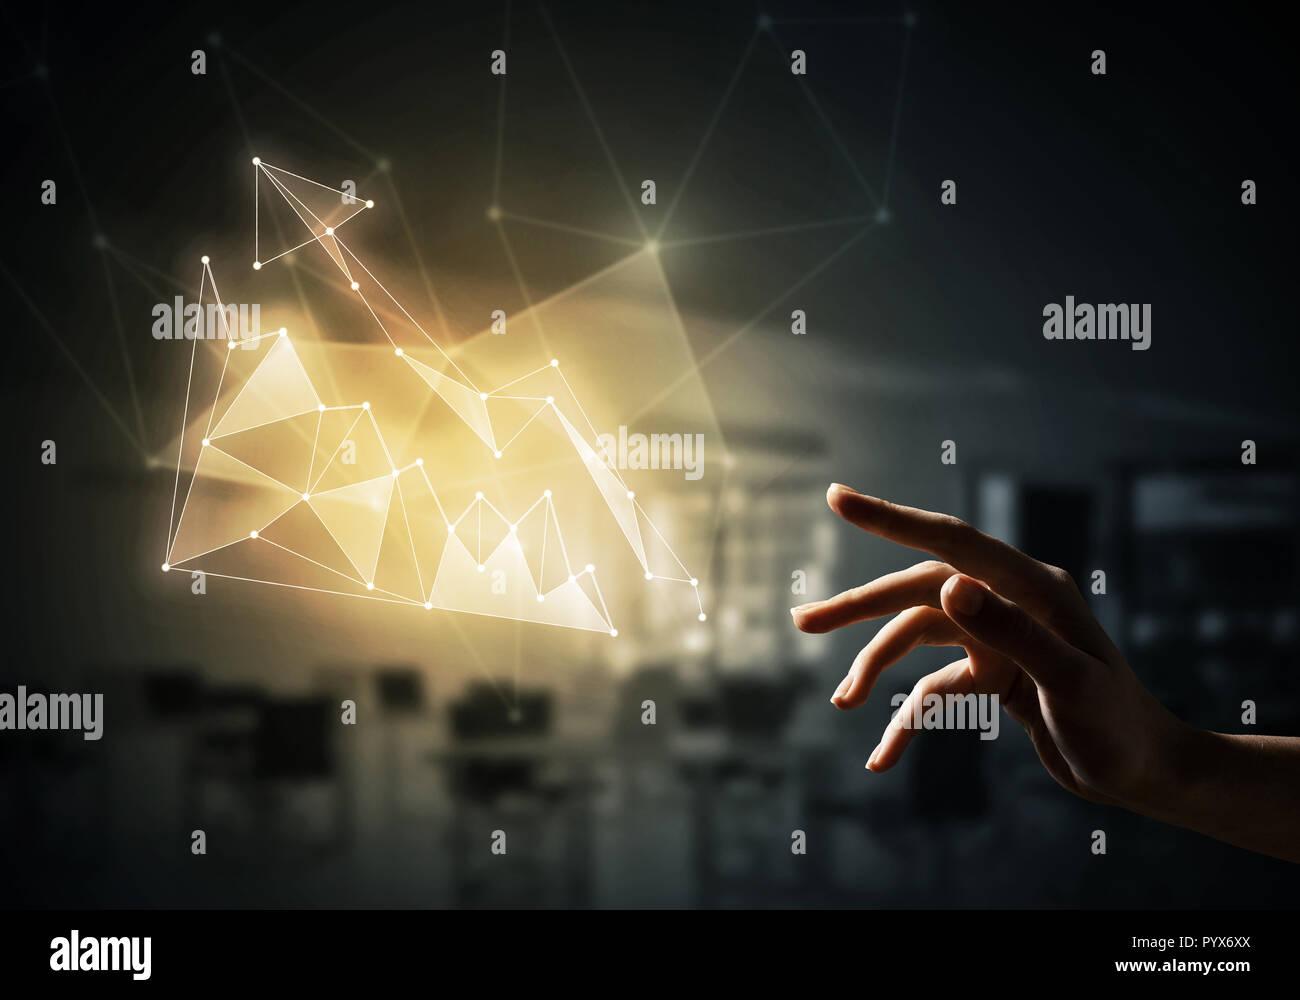 Crecimiento financiero y aumentar el concepto sobre el oscuro fondo de oficina Imagen De Stock